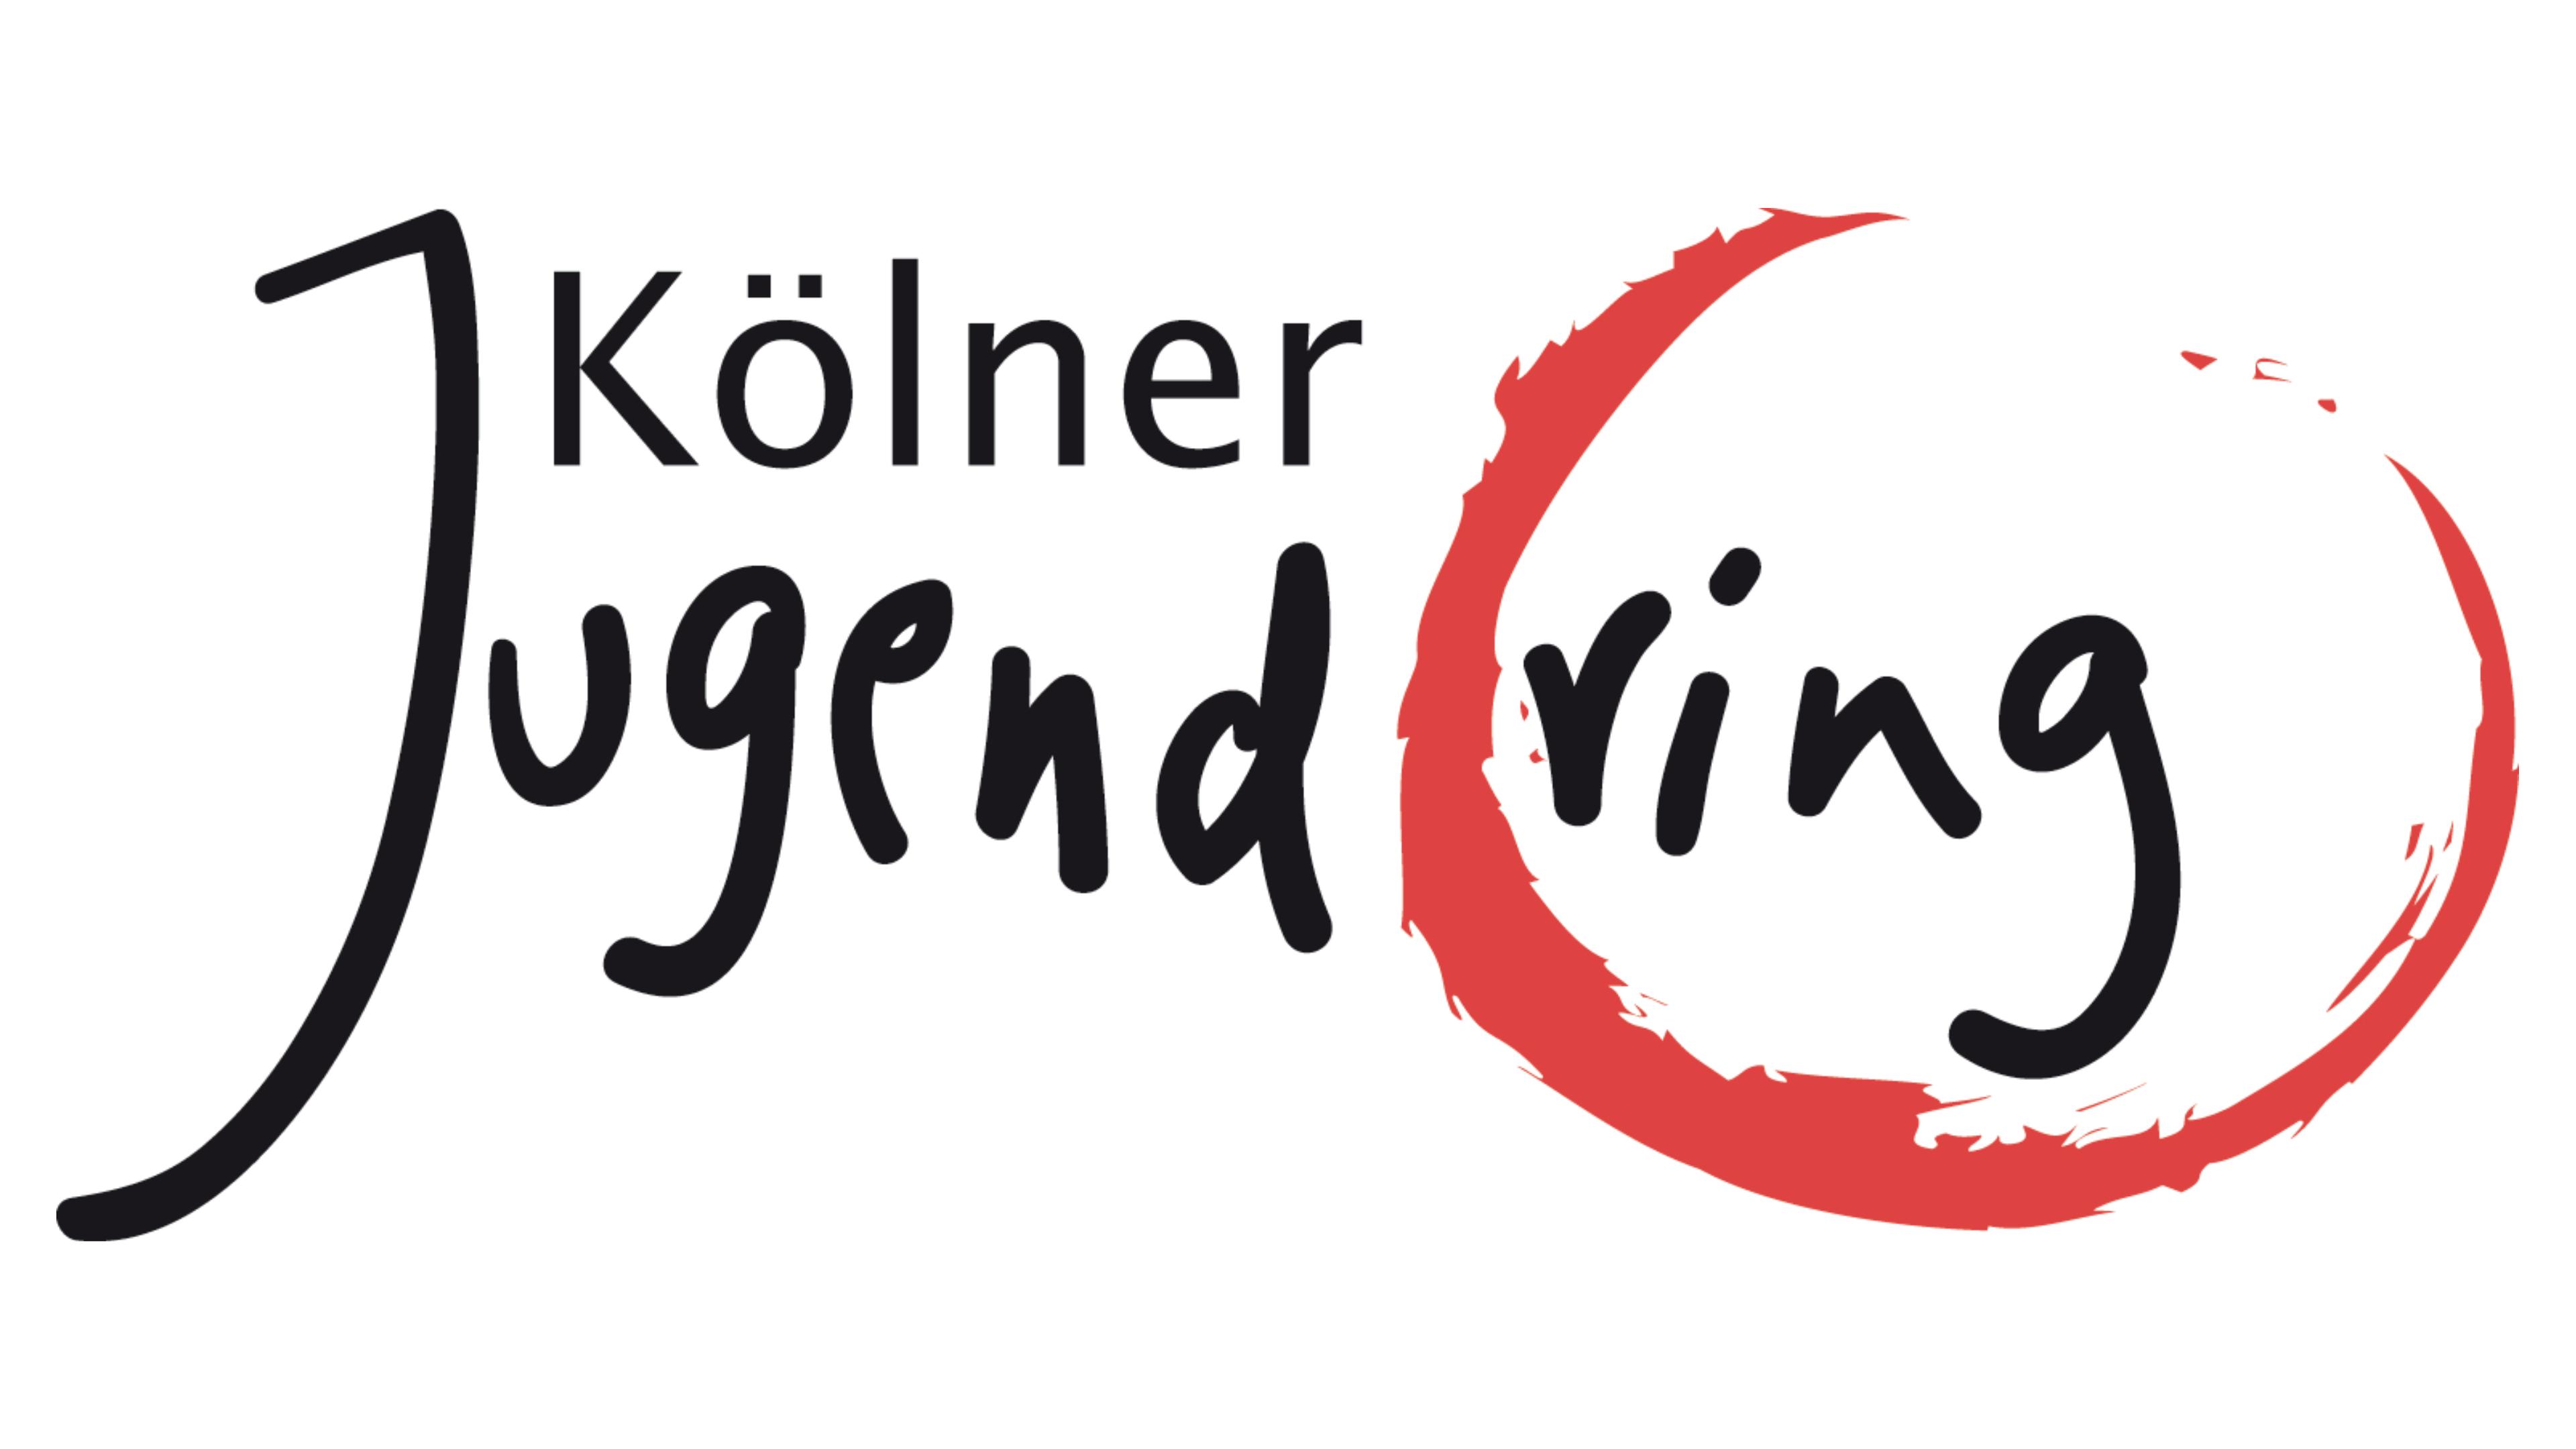 Kölner Jugendring e.V.